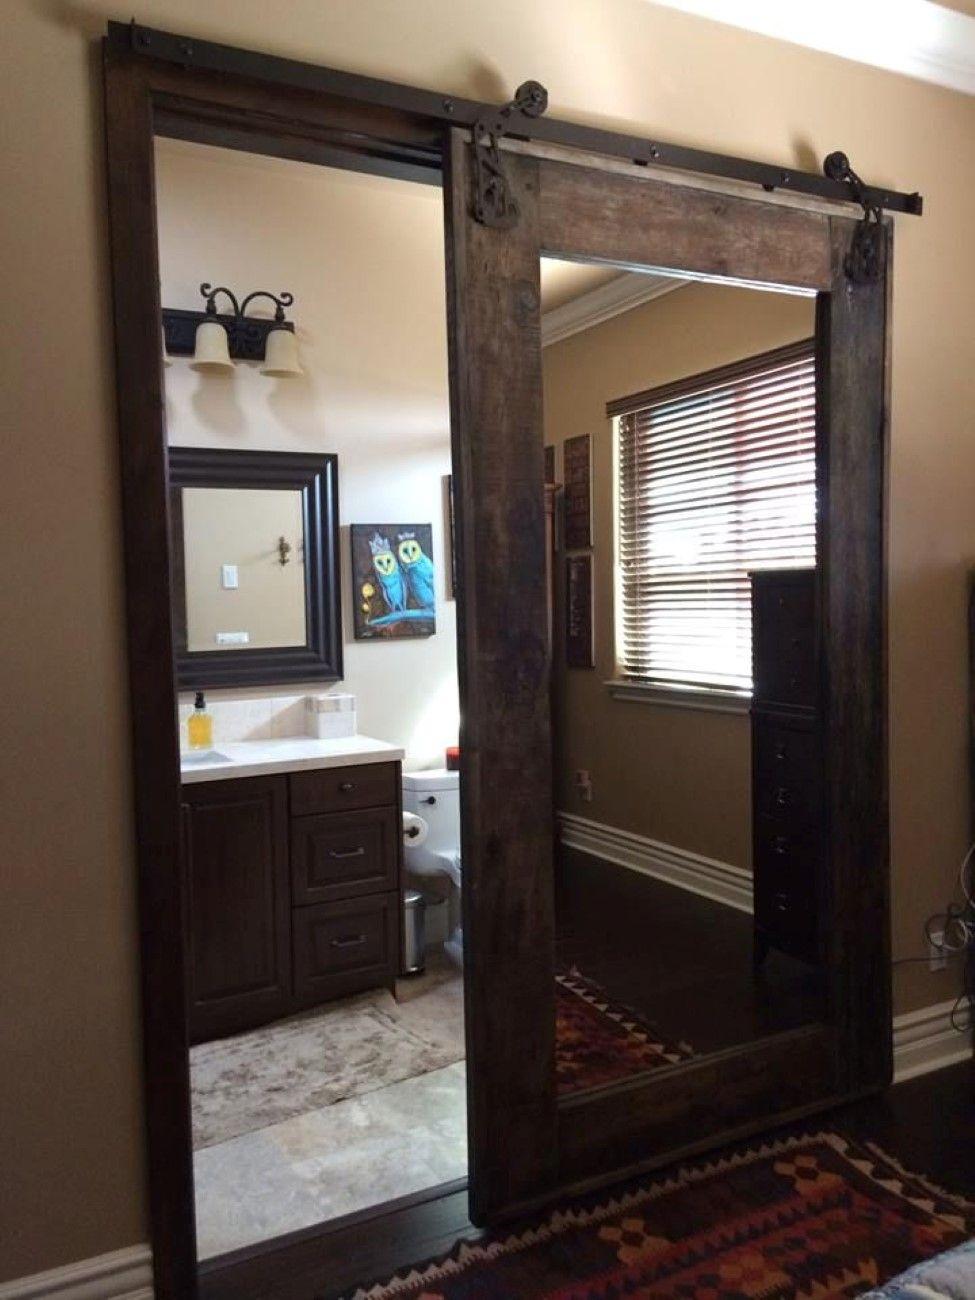 Trade that boring bathroom door for a sliding mirrow